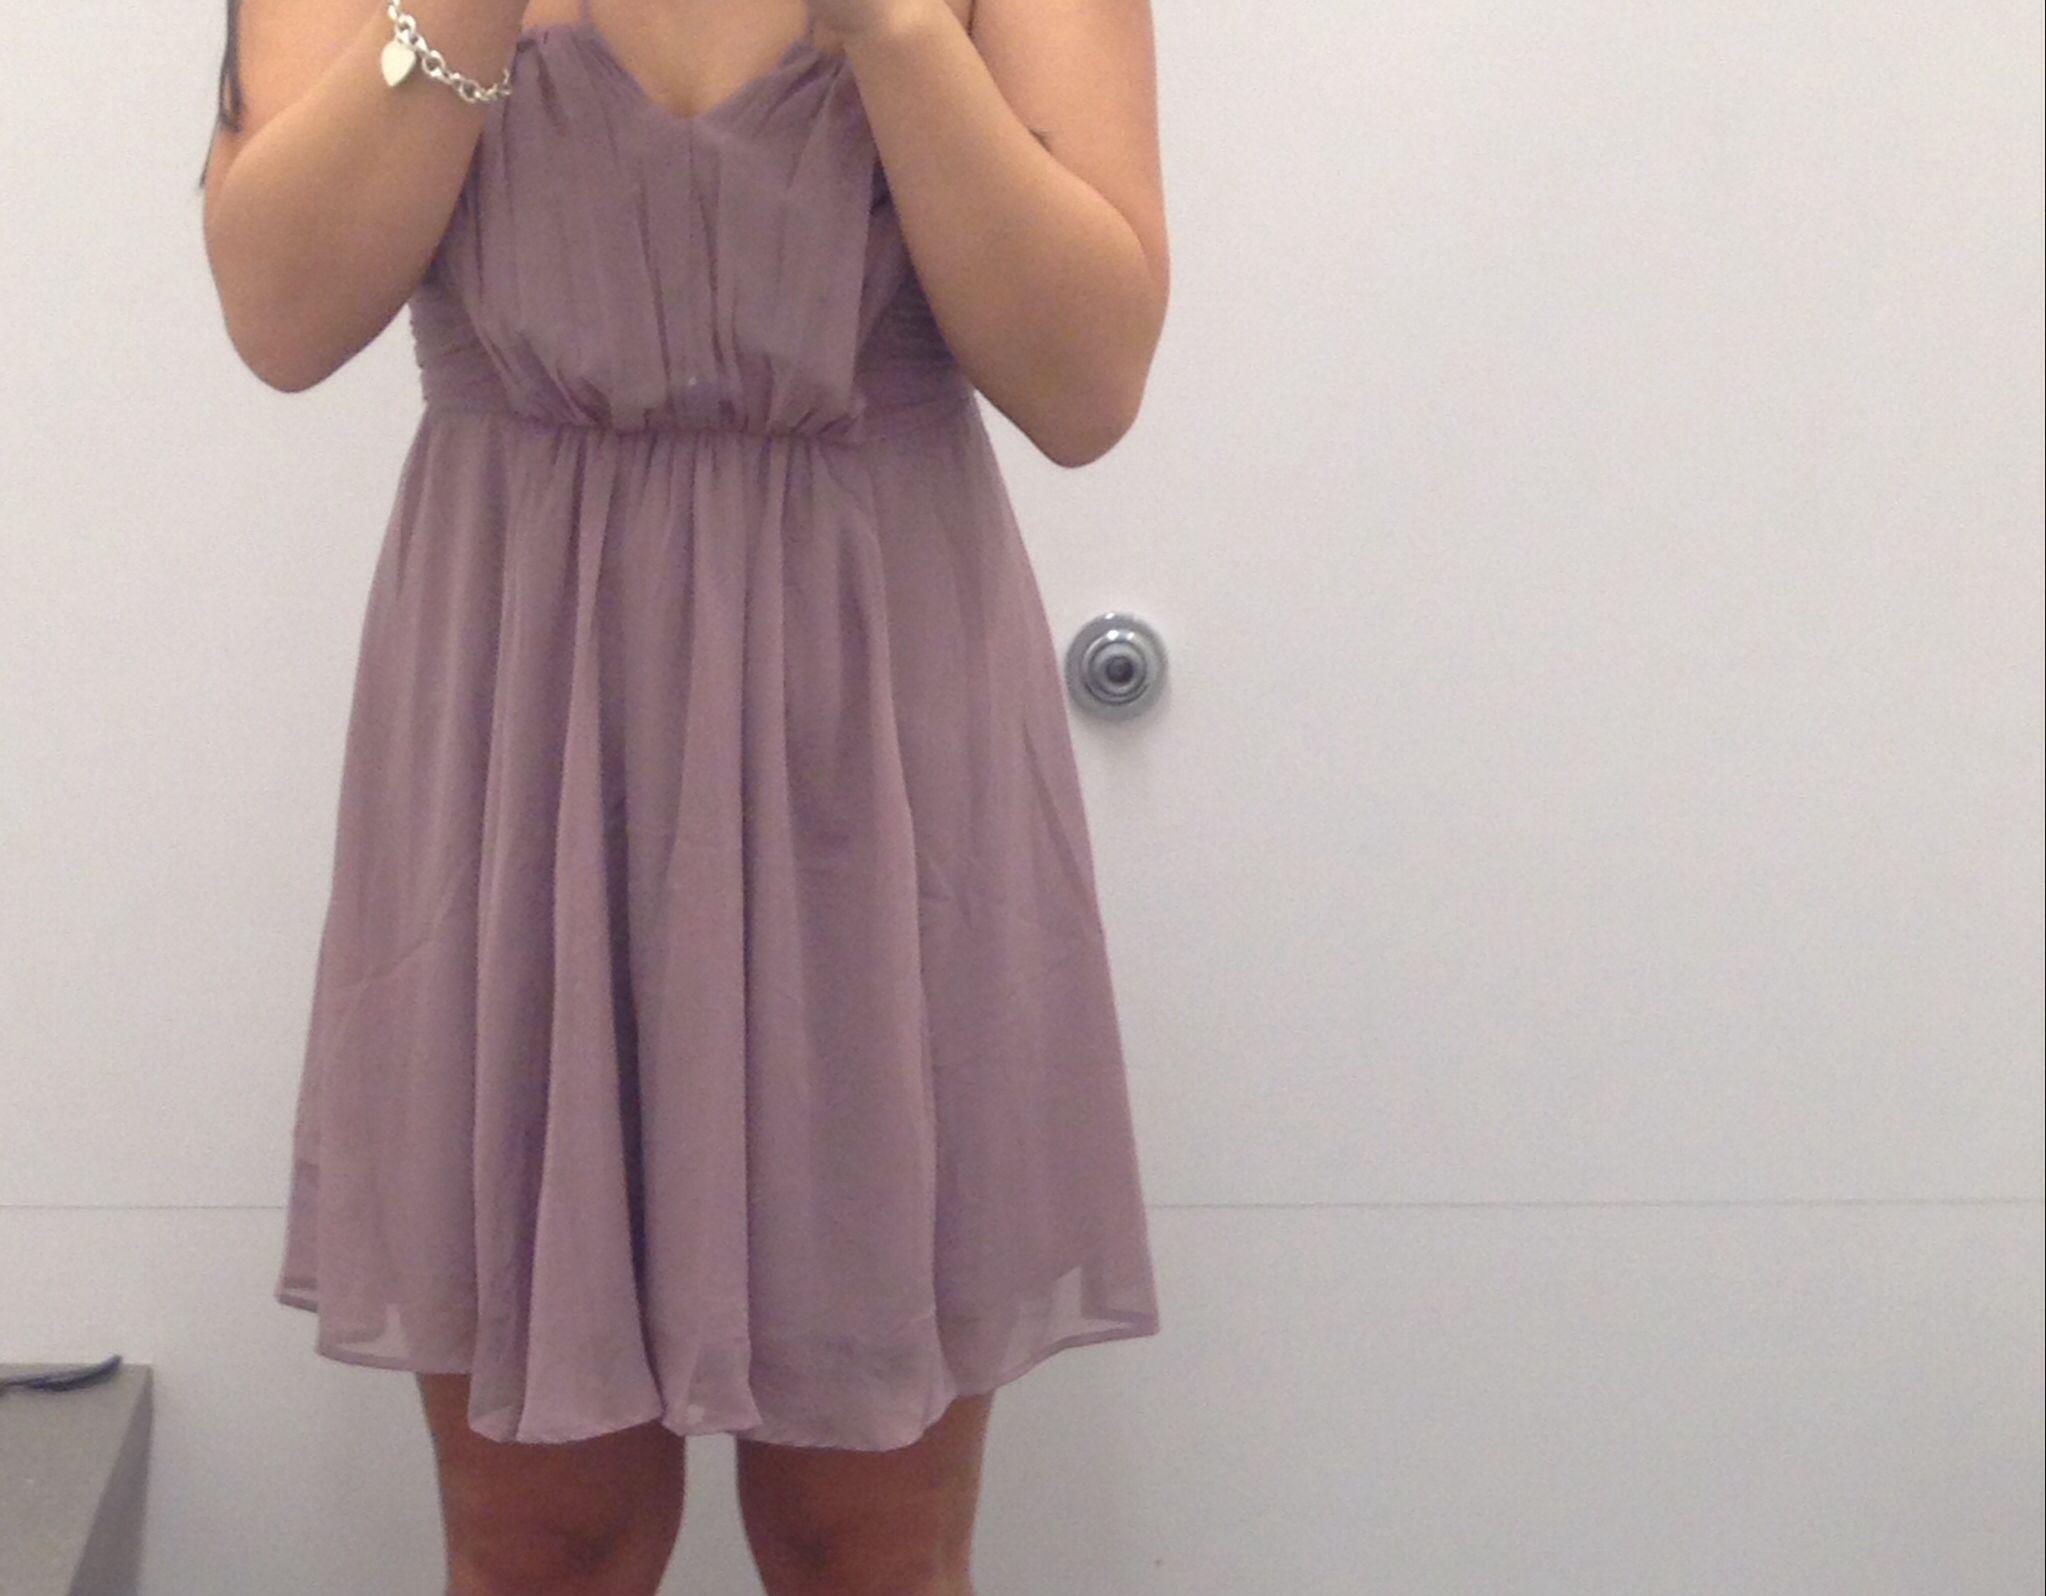 Winter Formal Dresses Pinterest 71